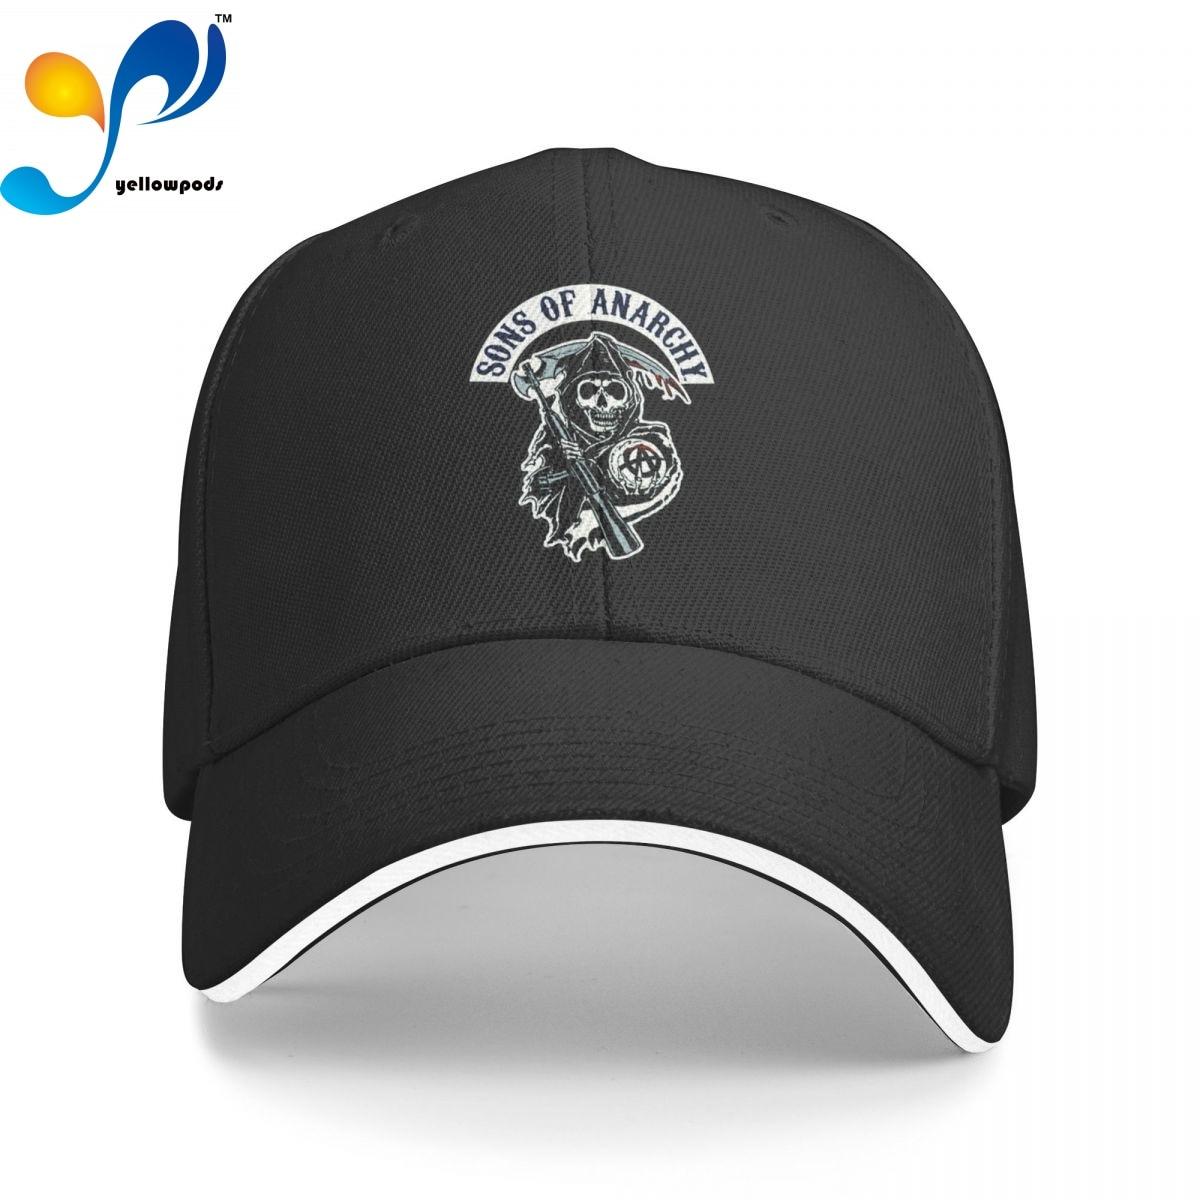 Мужская и Женская Бейсболка Sons Of Анархии Jax, регулируемые бейсболки унисекс, шапки с клапаном